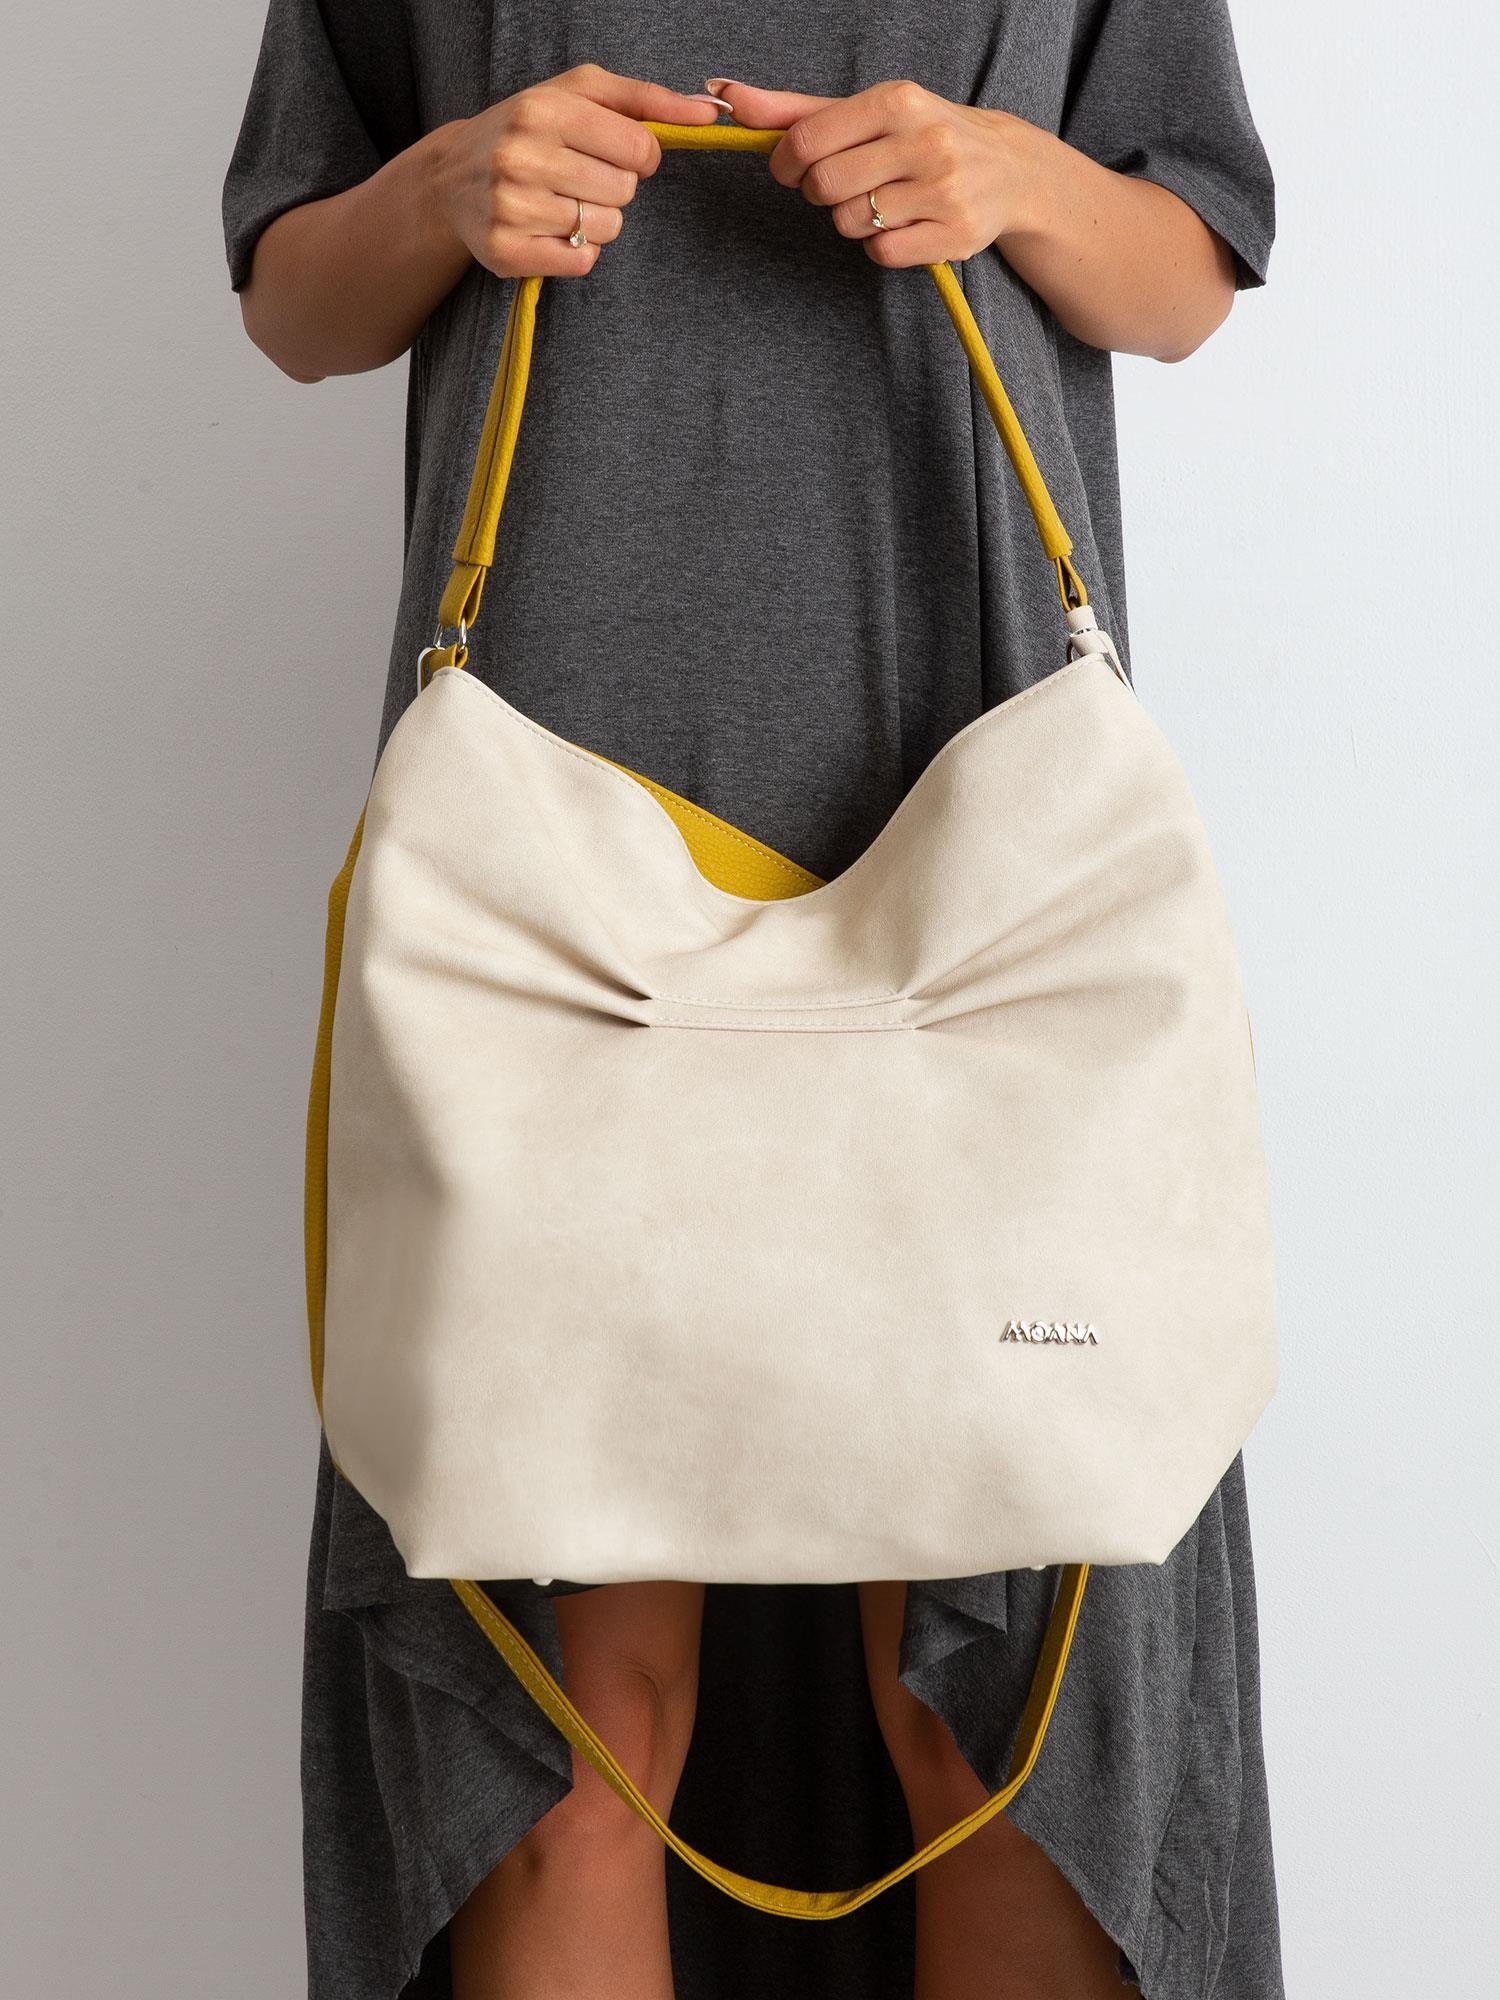 Dámska veľká dvojfarebná taška - UNI